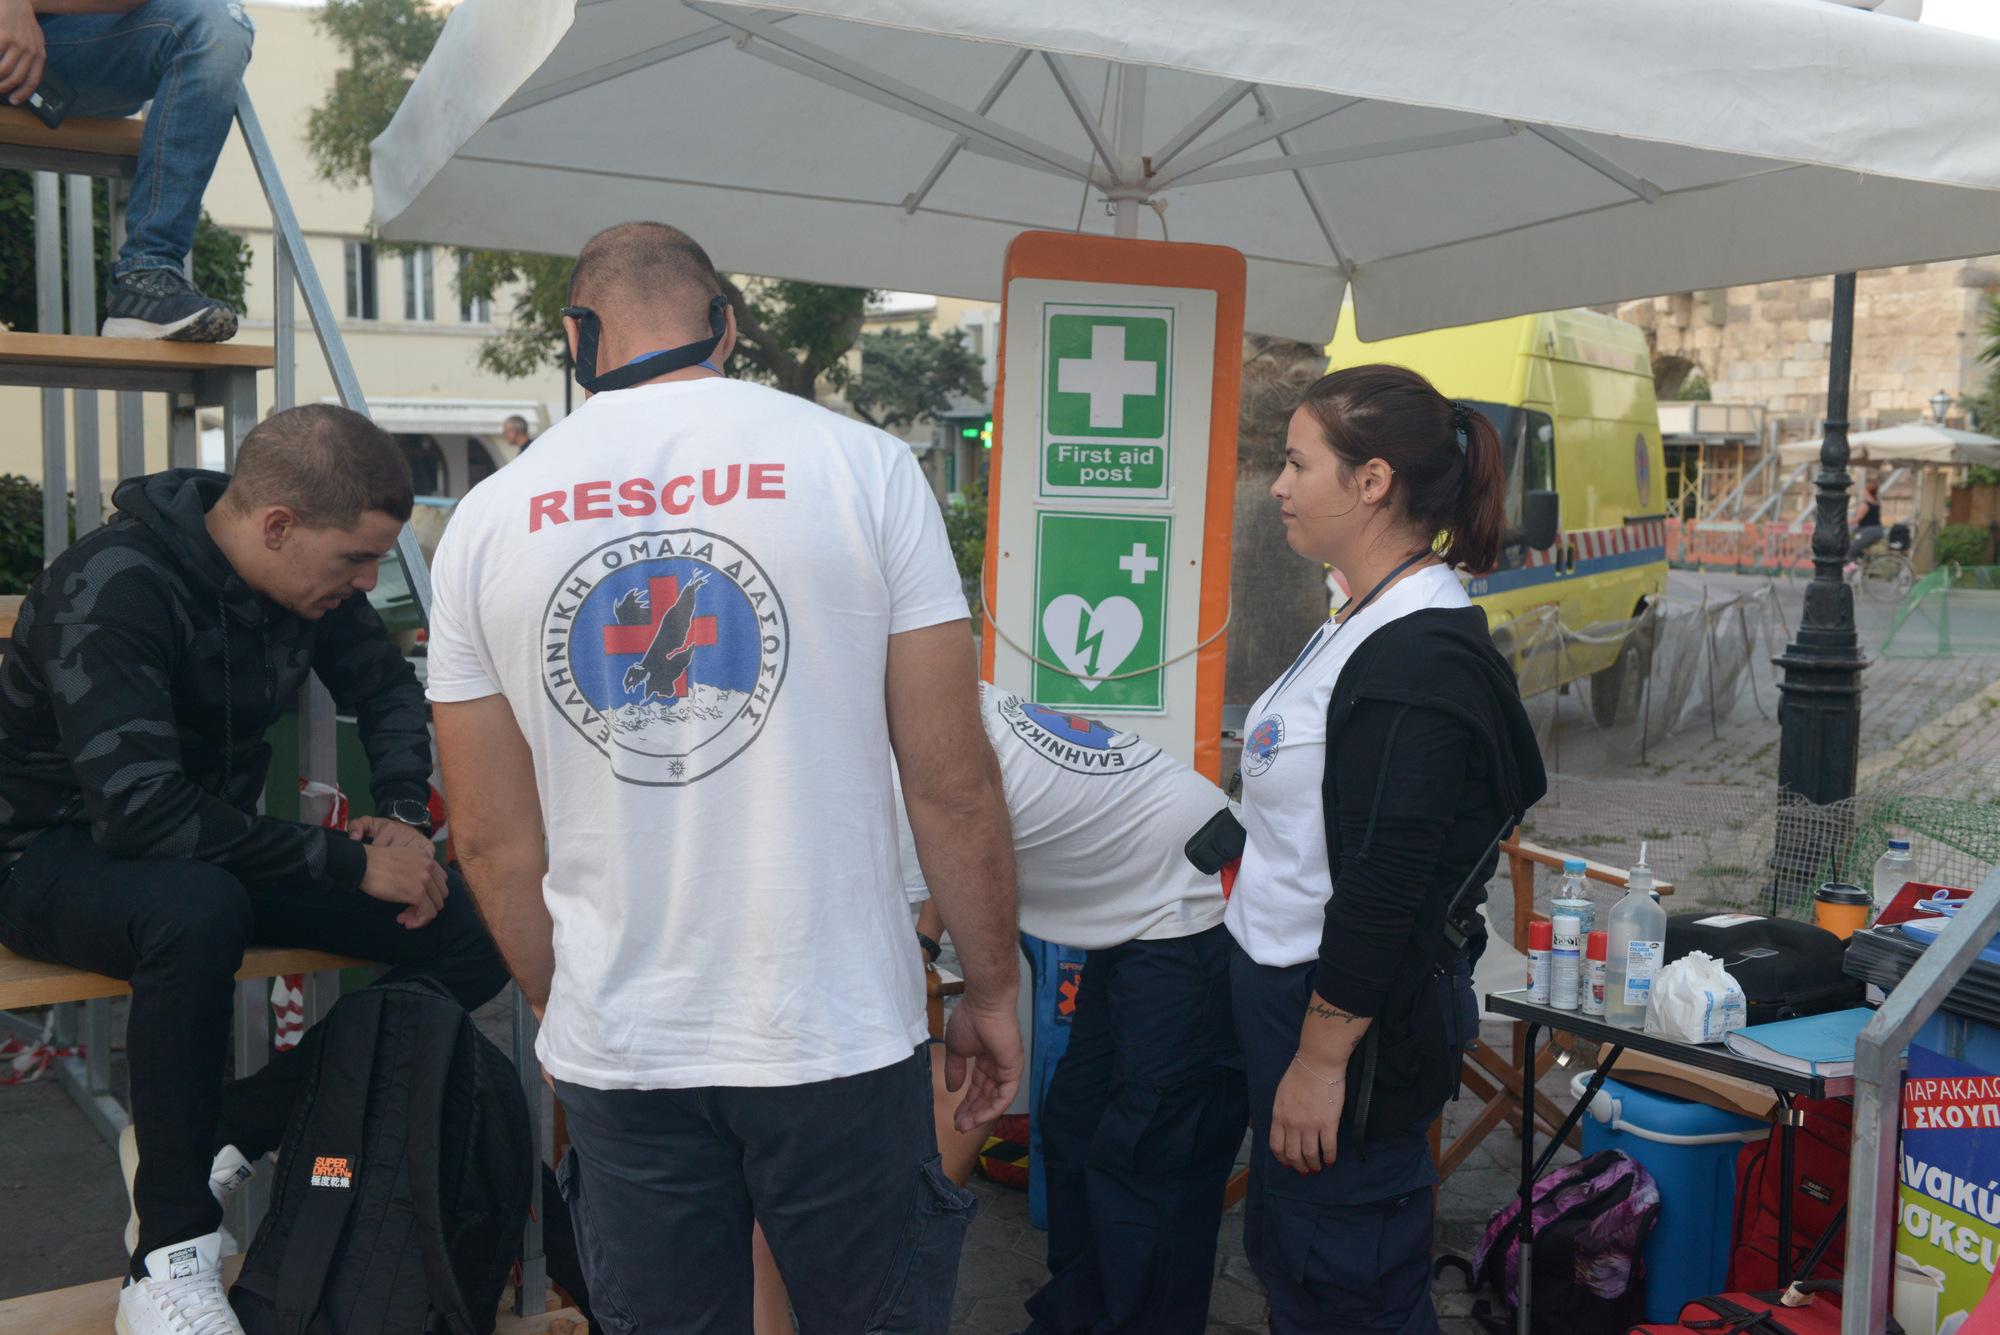 Ελληνική Ομάδα Διάσωσης Κω: Οι αφανείς ήρωες του GalisBasketball 3on3